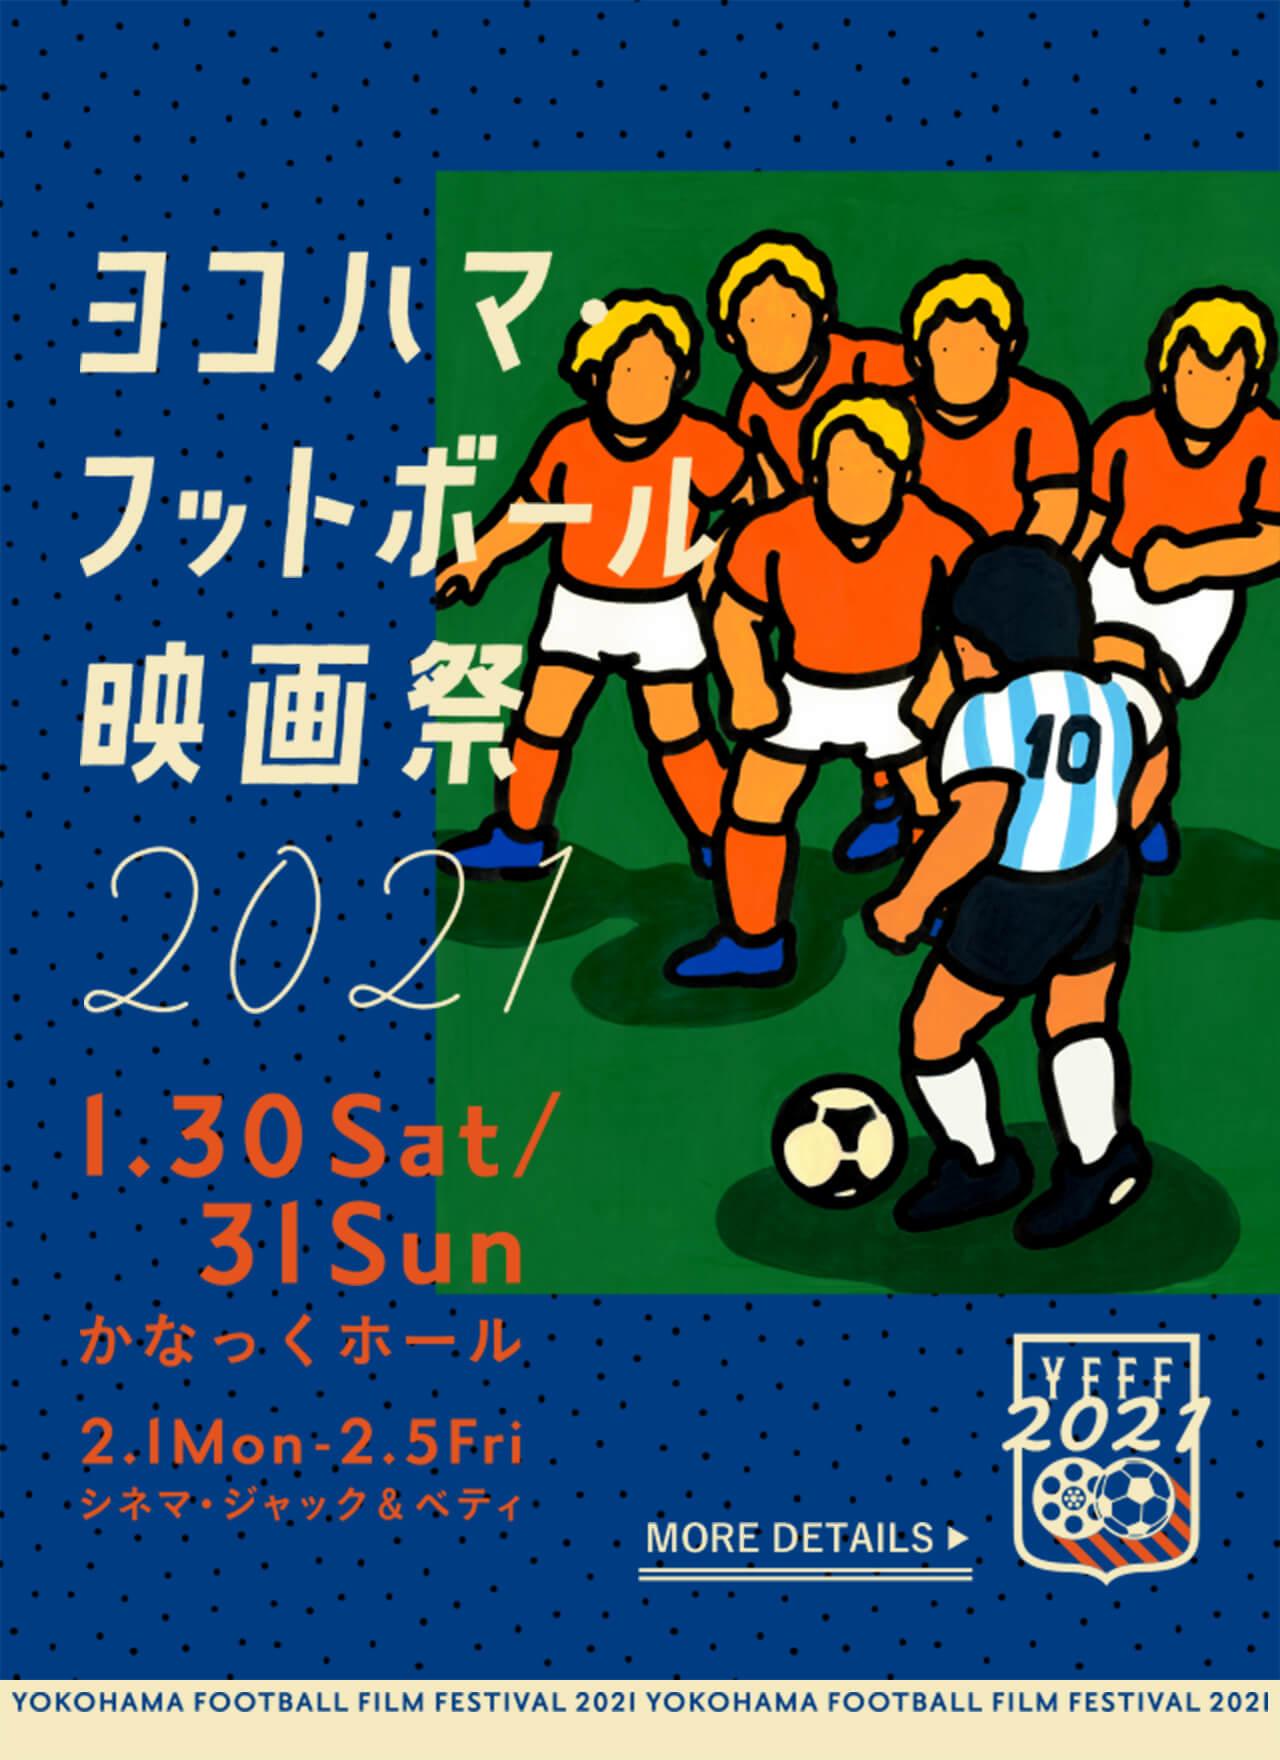 ヨコハマ・フットボール映画祭2021 - 1.30 Sat / 31 Sun かなっくホール 2.1 Mon - 2.6 Fri シネマ・ジャック&ベティ